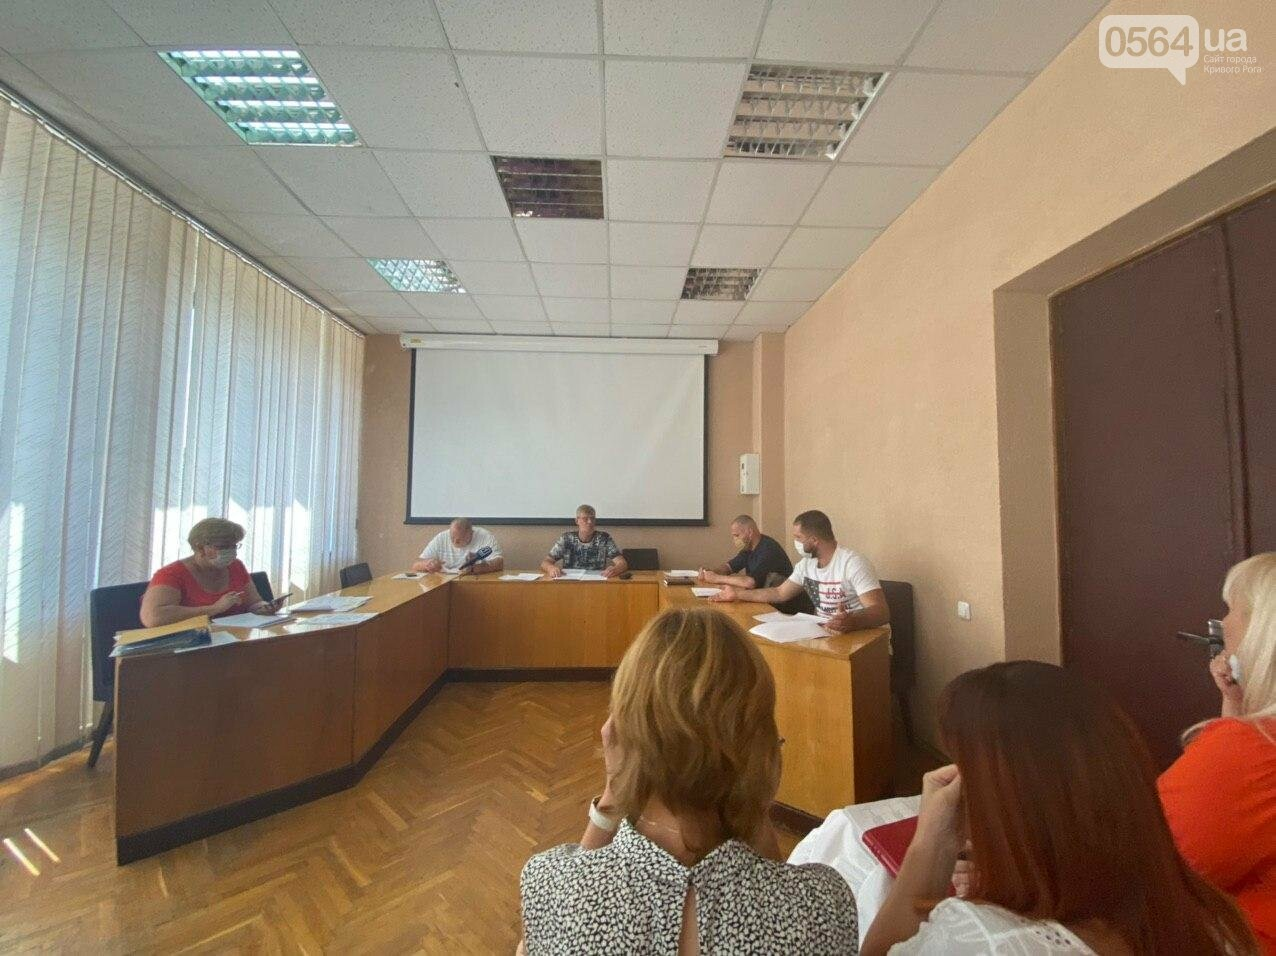 В Кривом Роге состоялось заседание рабочей группы по выплате 30 миллионов на покупку жилья бойцам АТО, - ФОТО, ВИДЕО, фото-1